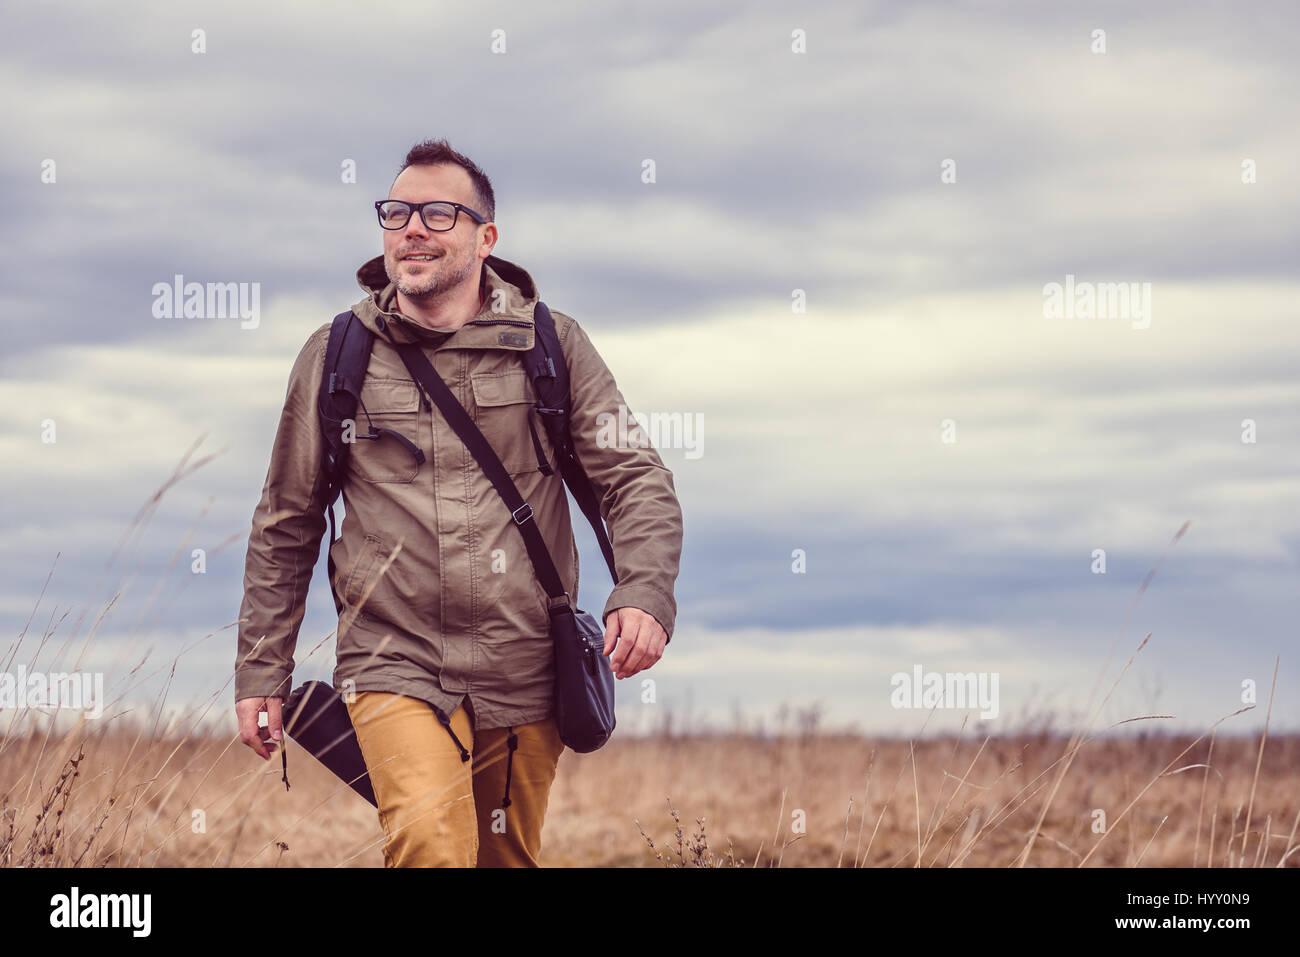 Randonneur marchant dans l'herbage dans un jour nuageux Banque D'Images